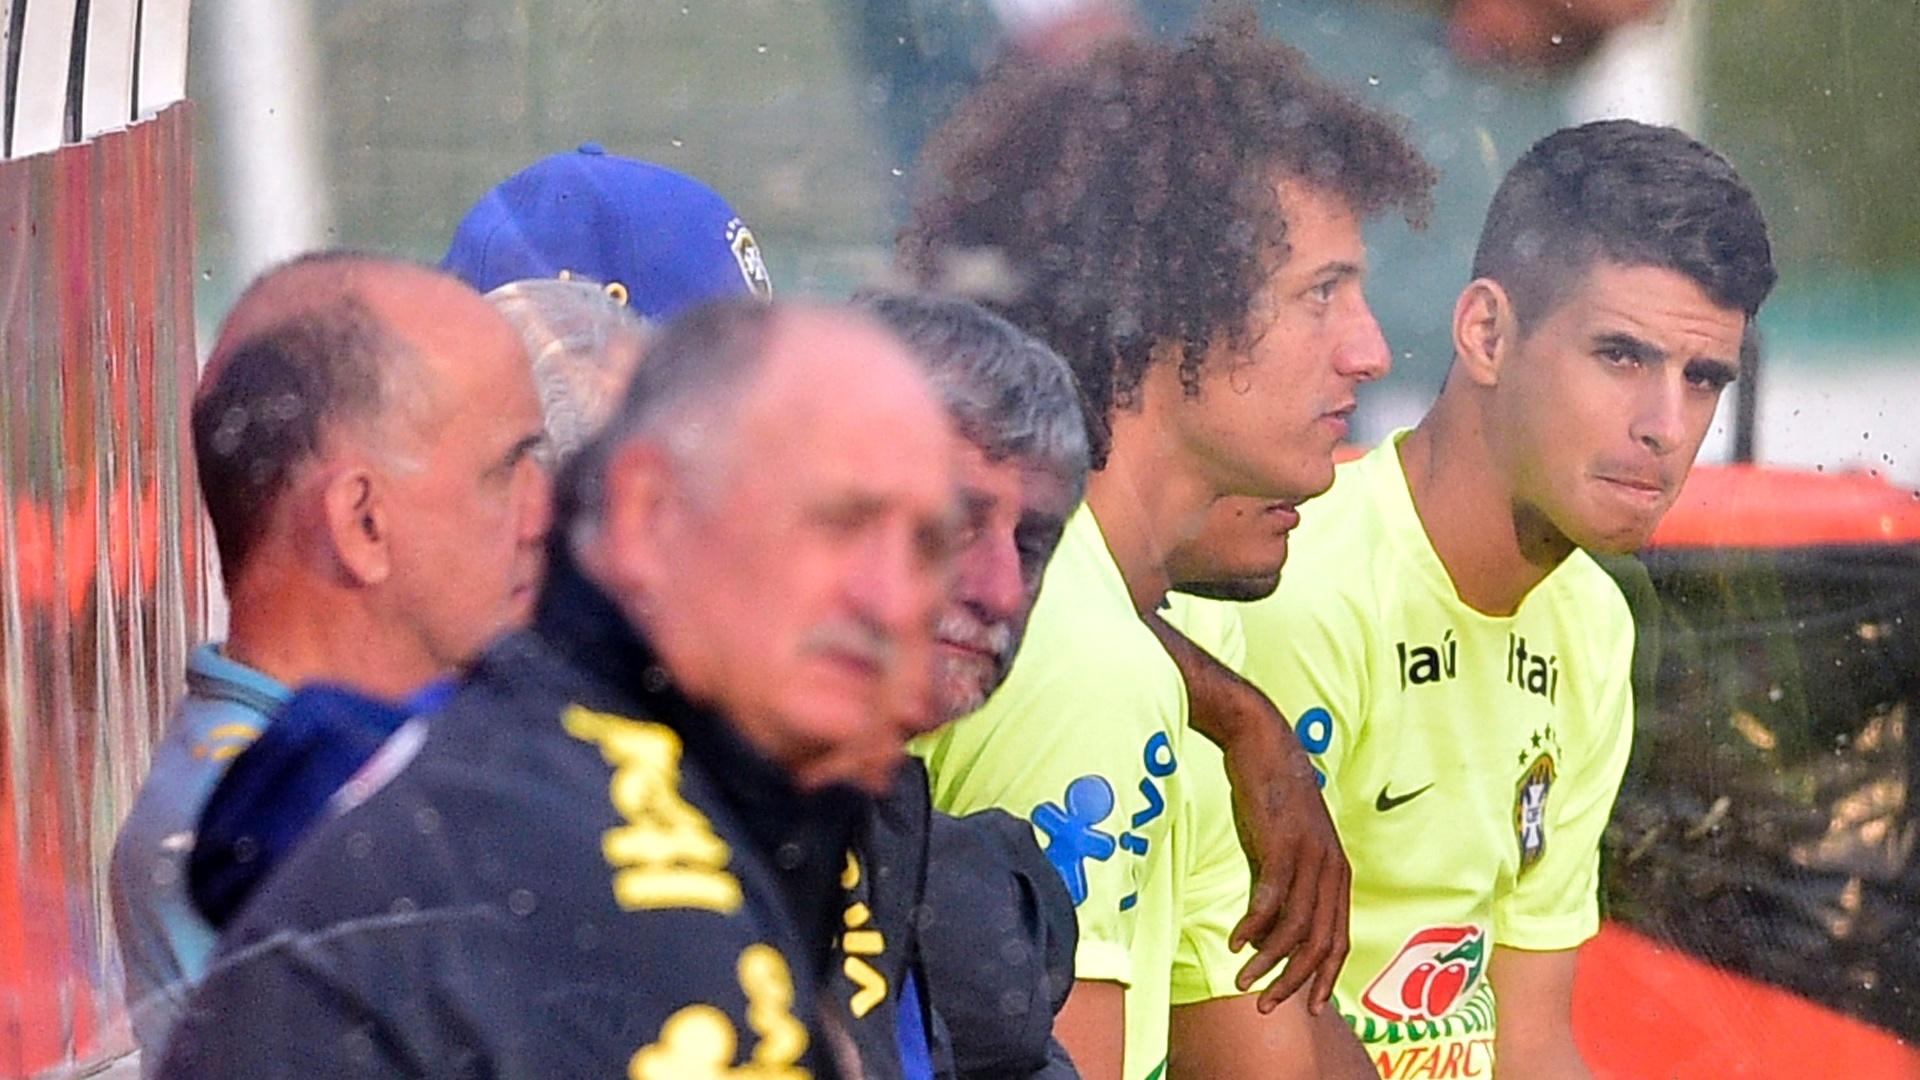 01.07.2014 - Felipão (frente), David Luiz e Oscar (fundo) sentados no banco de reservas durante treino da seleção